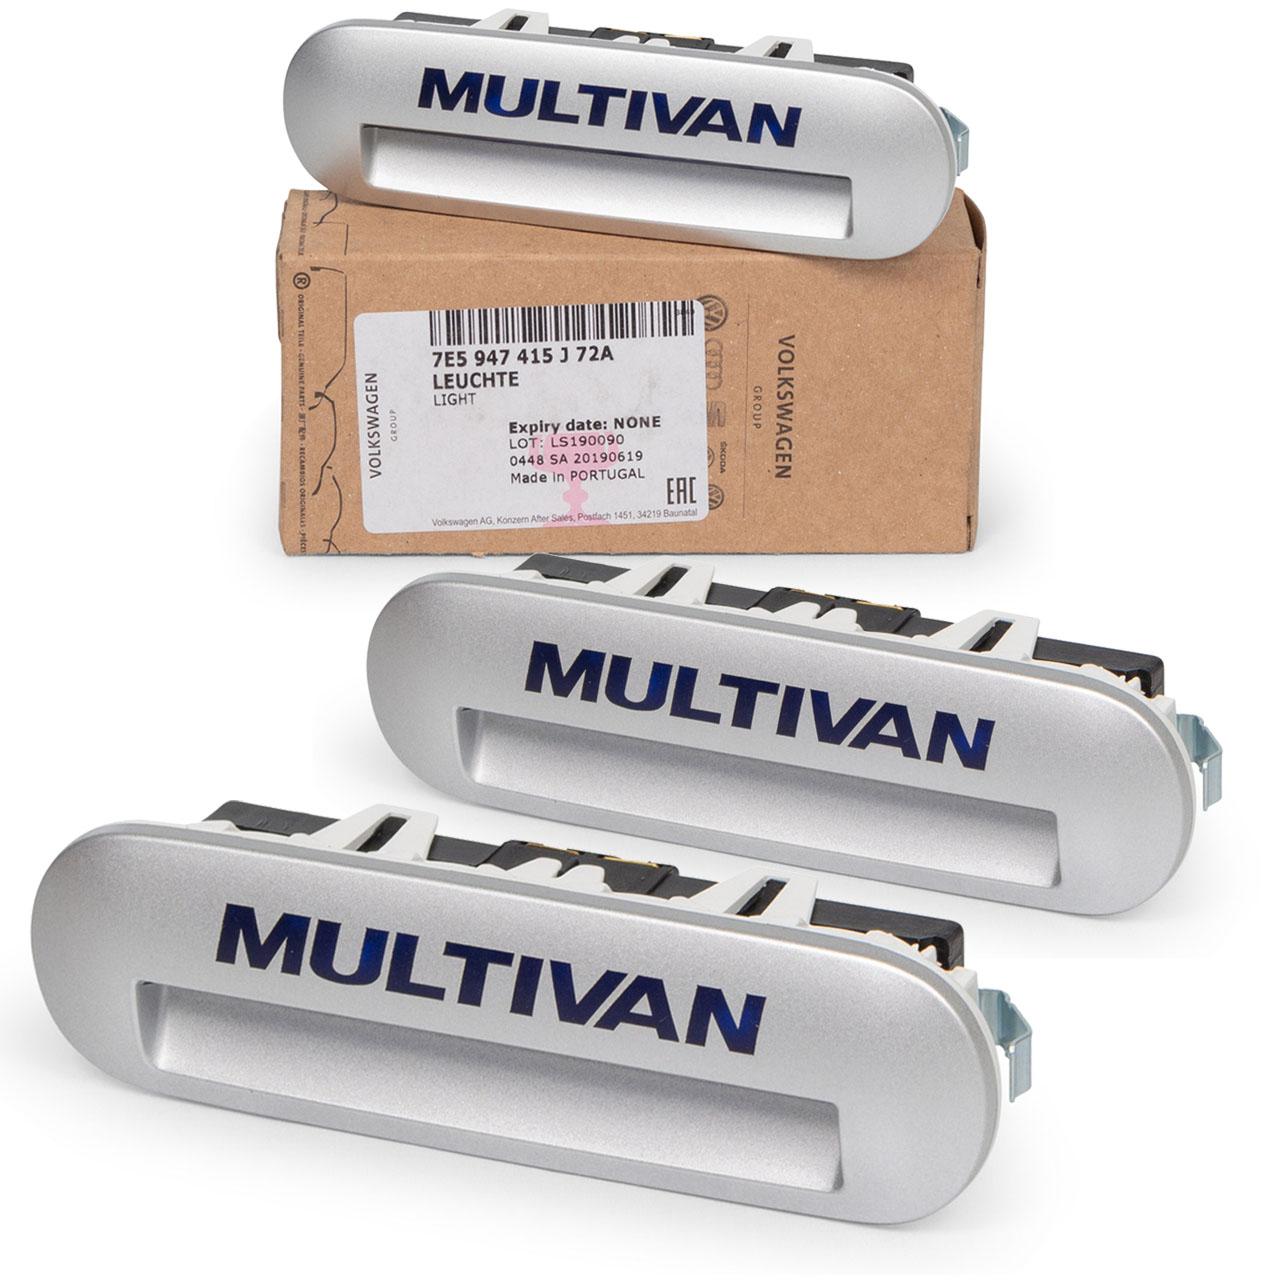 3x ORIGINAL VW Einstiegsbeleuchtung MULTIVAN TRANSPORTER T5 T6 7E5947415J72A